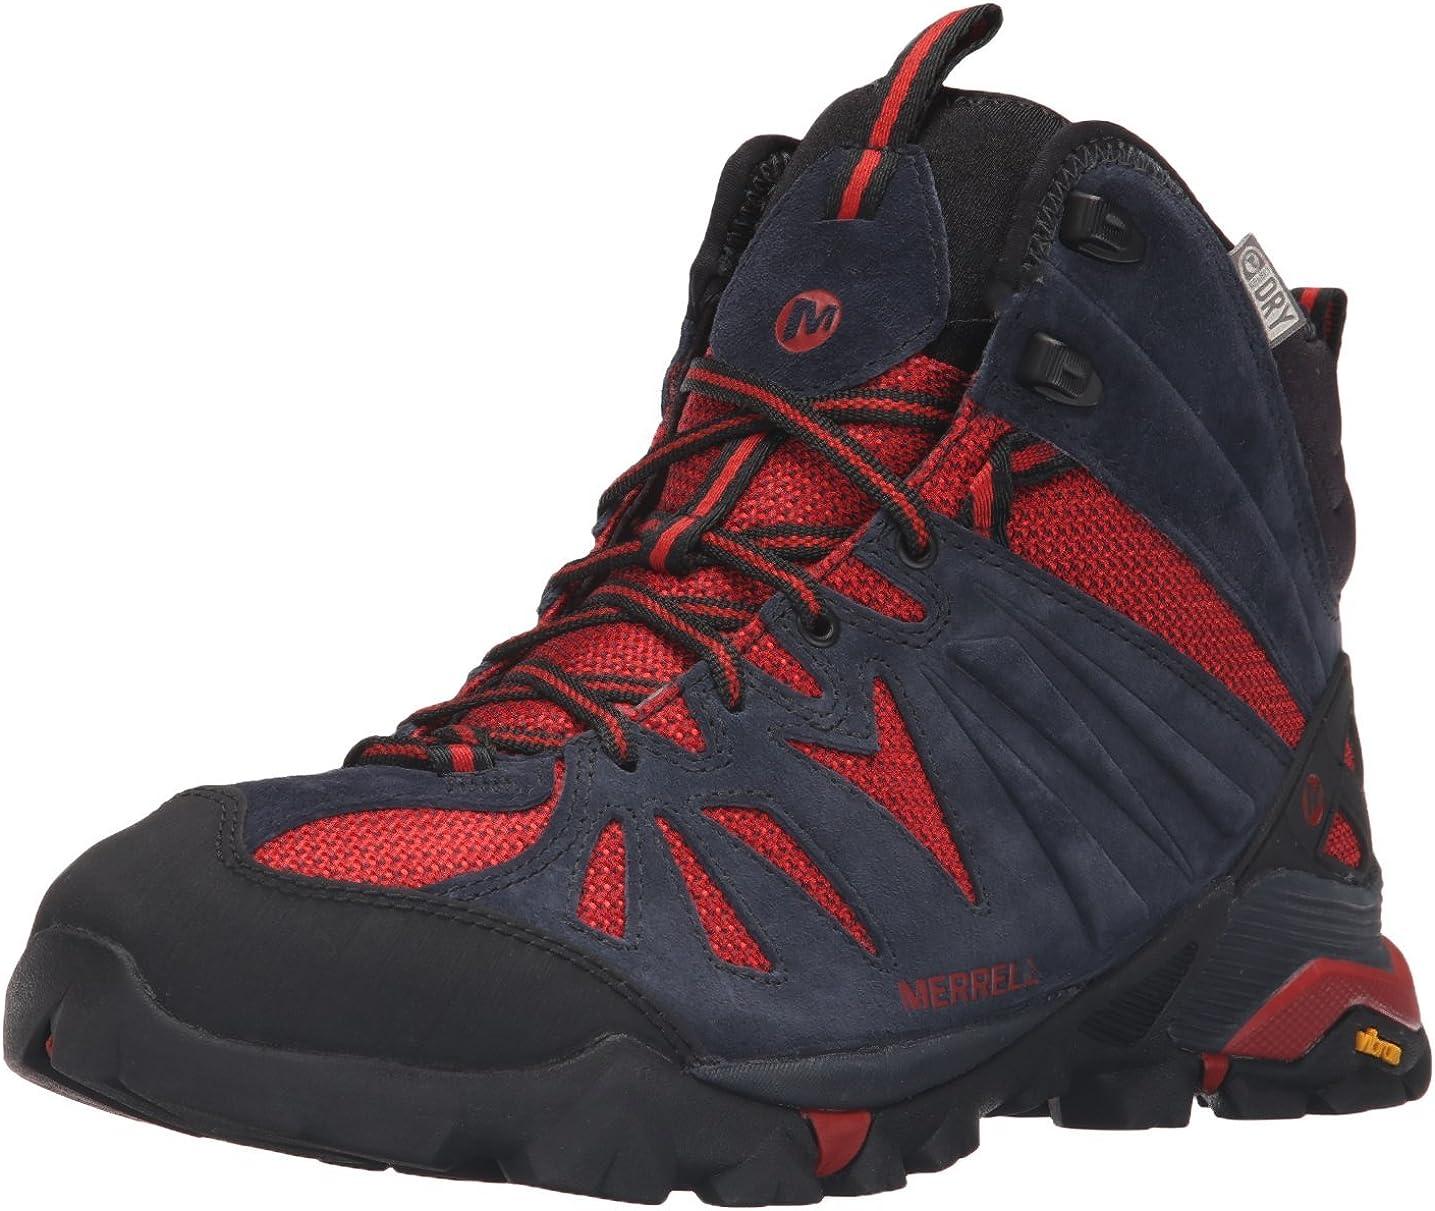 Merrell Men s Capra Mid Waterproof Hiking Boot